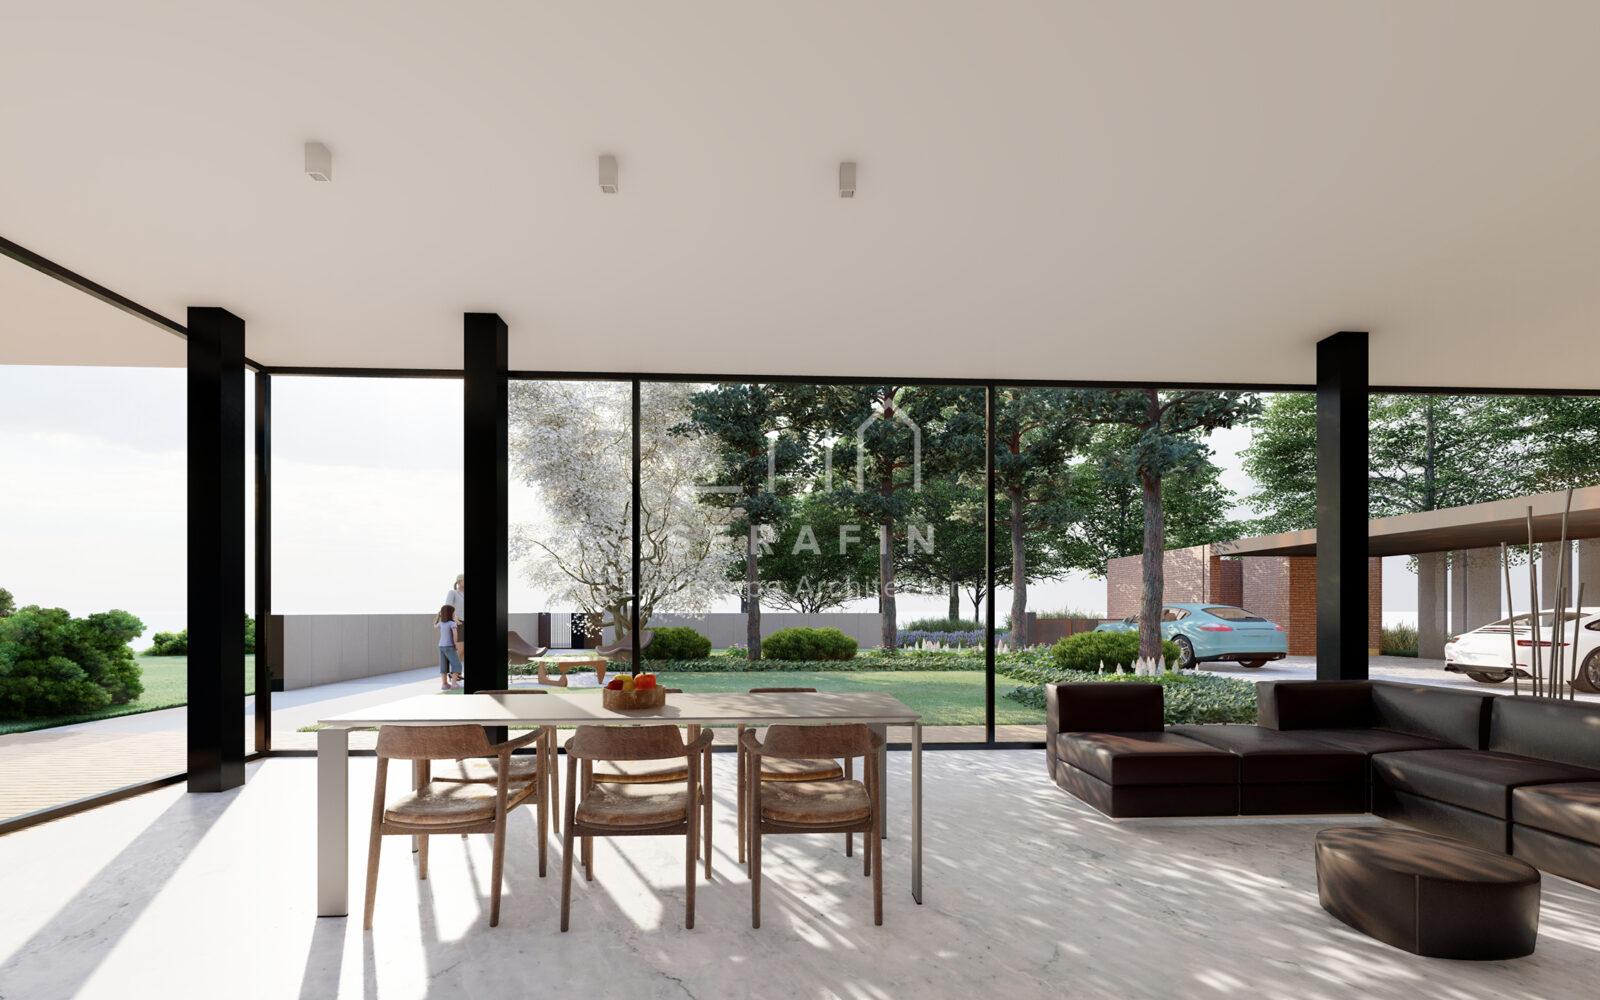 progettazione integrale di un giardino periurbano in provincia di Treviso - 5